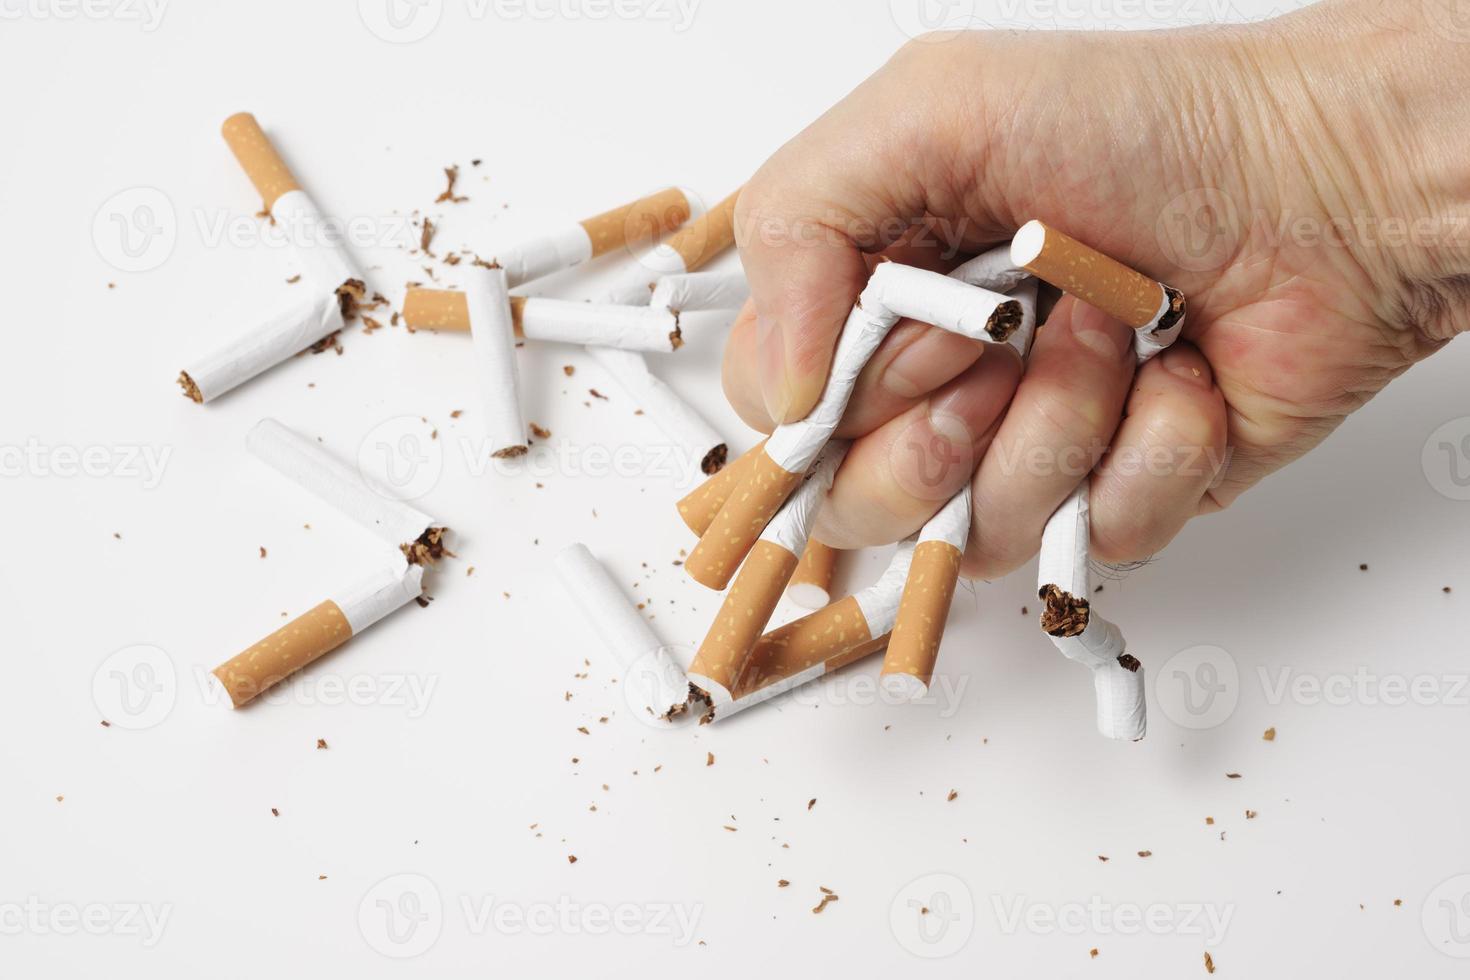 Romper cigarrillos para dejar de fumar sobre fondo blanco. foto